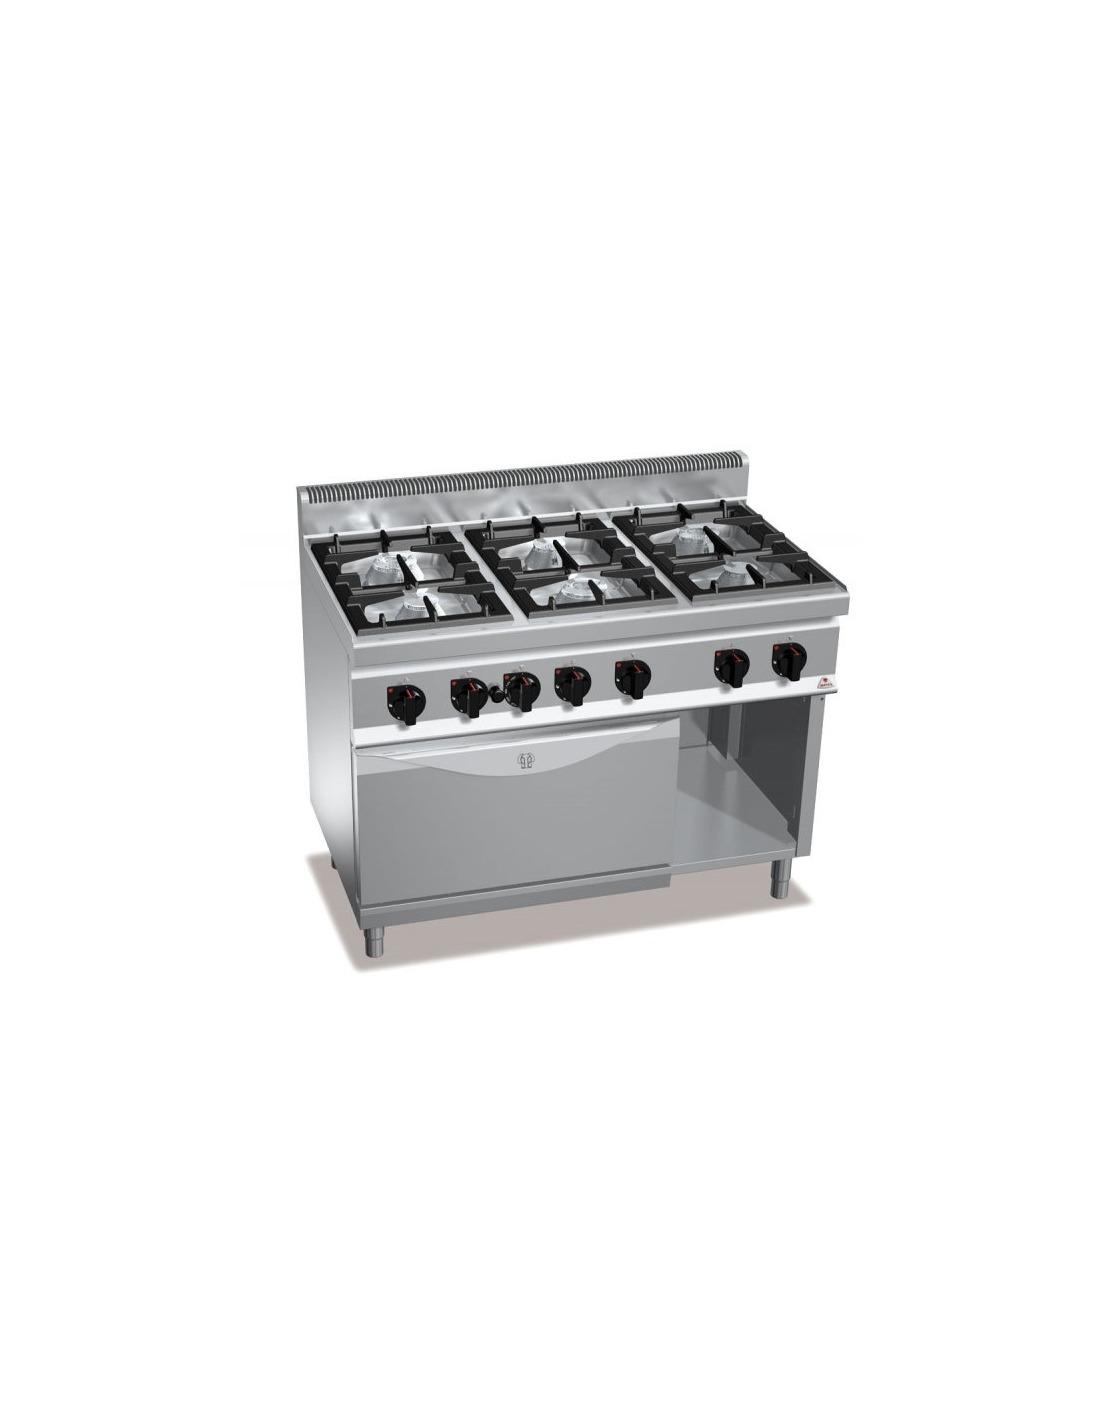 Cocina industrial berto s for Presupuesto cocina industrial